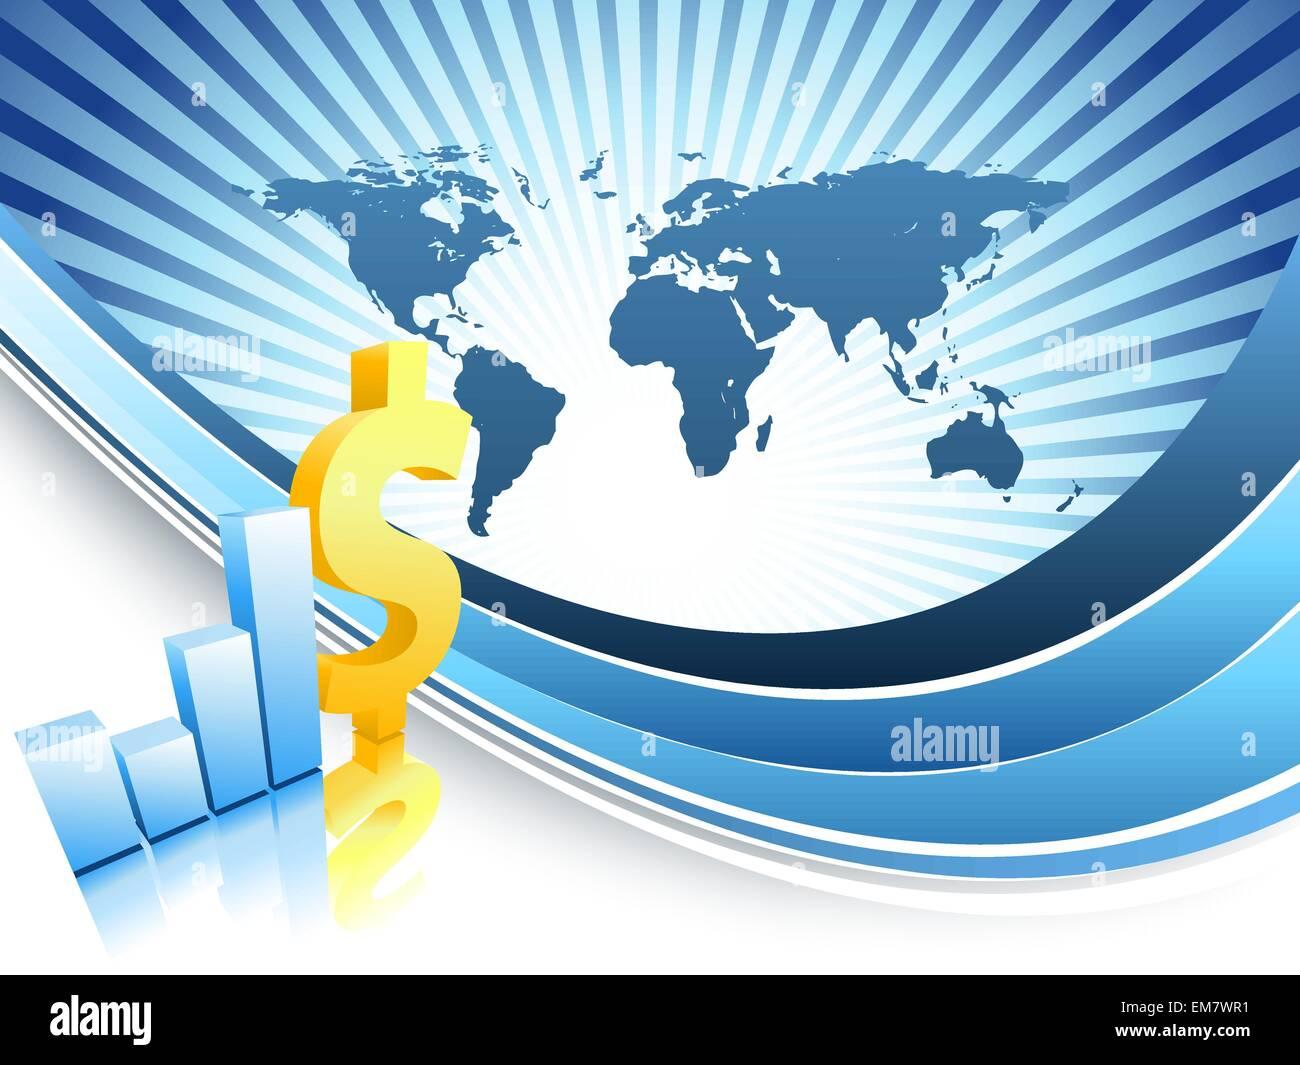 Bar Graphs Stock Photos & Bar Graphs Stock Images - Alamy